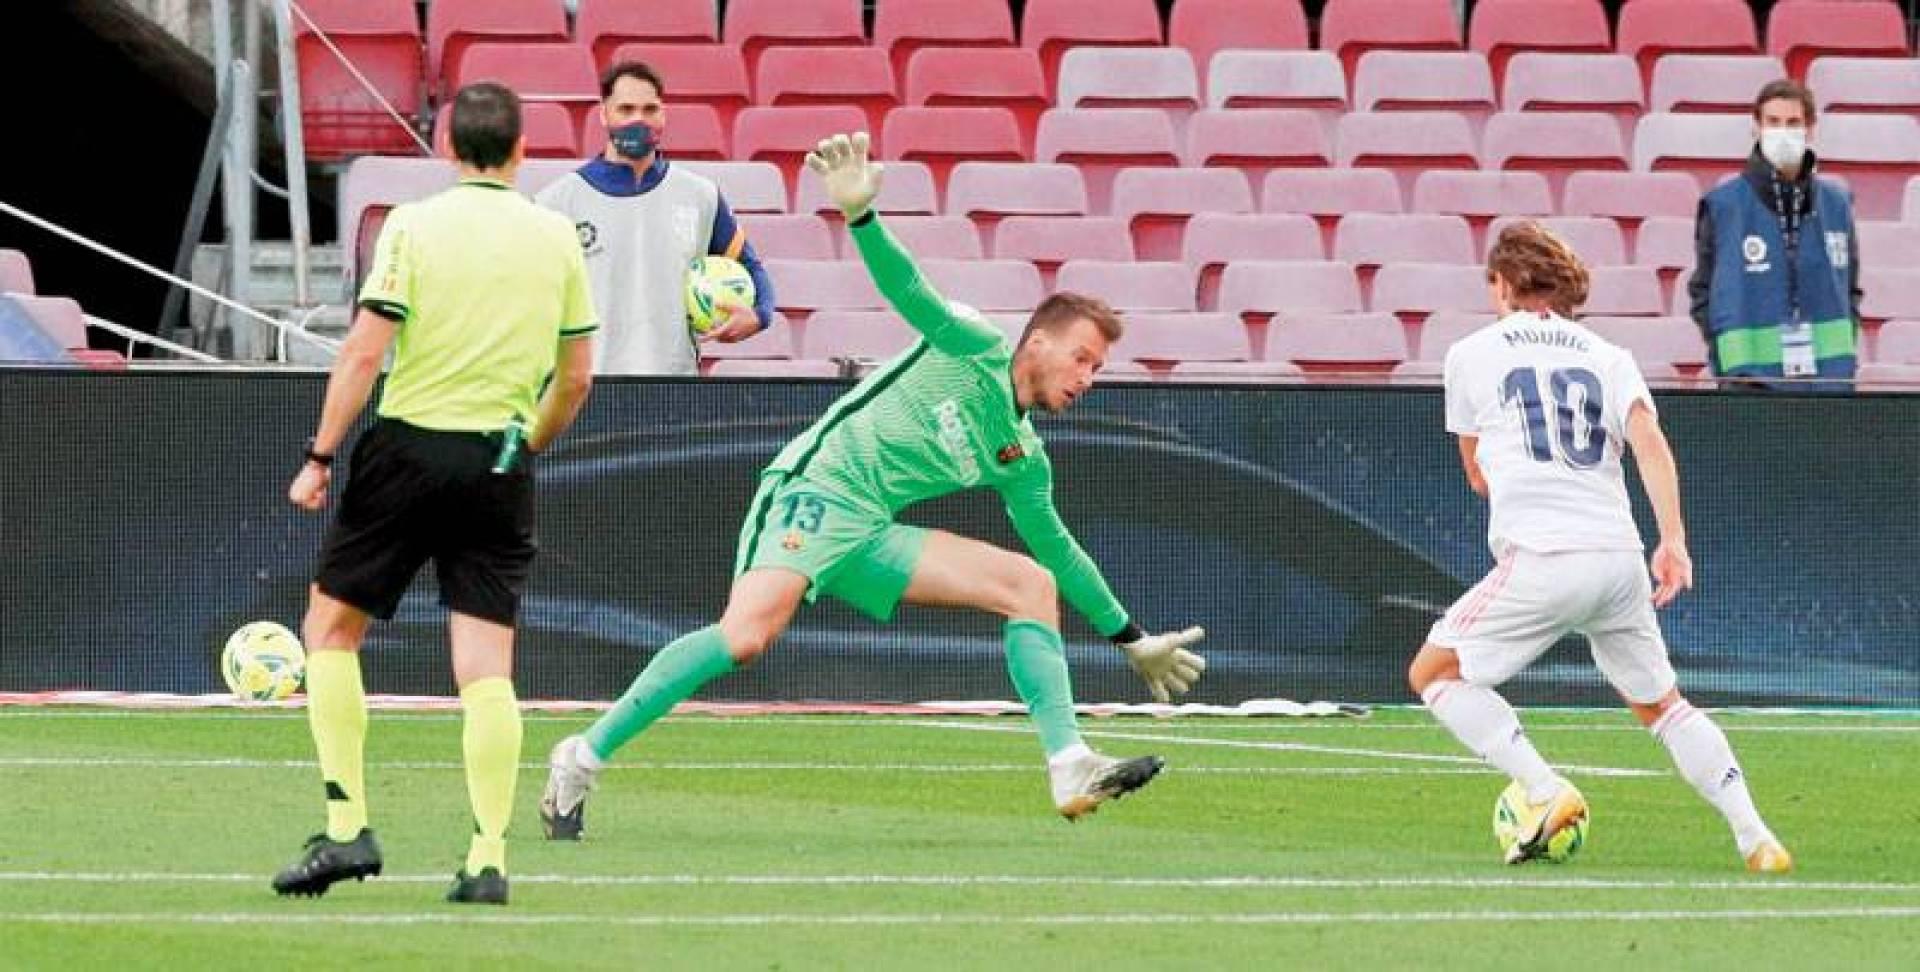 مودريتش متلاعباً بالحارس نيتو قبل أن يسجل الهدف الثالث لريال مدريد (رويترز)